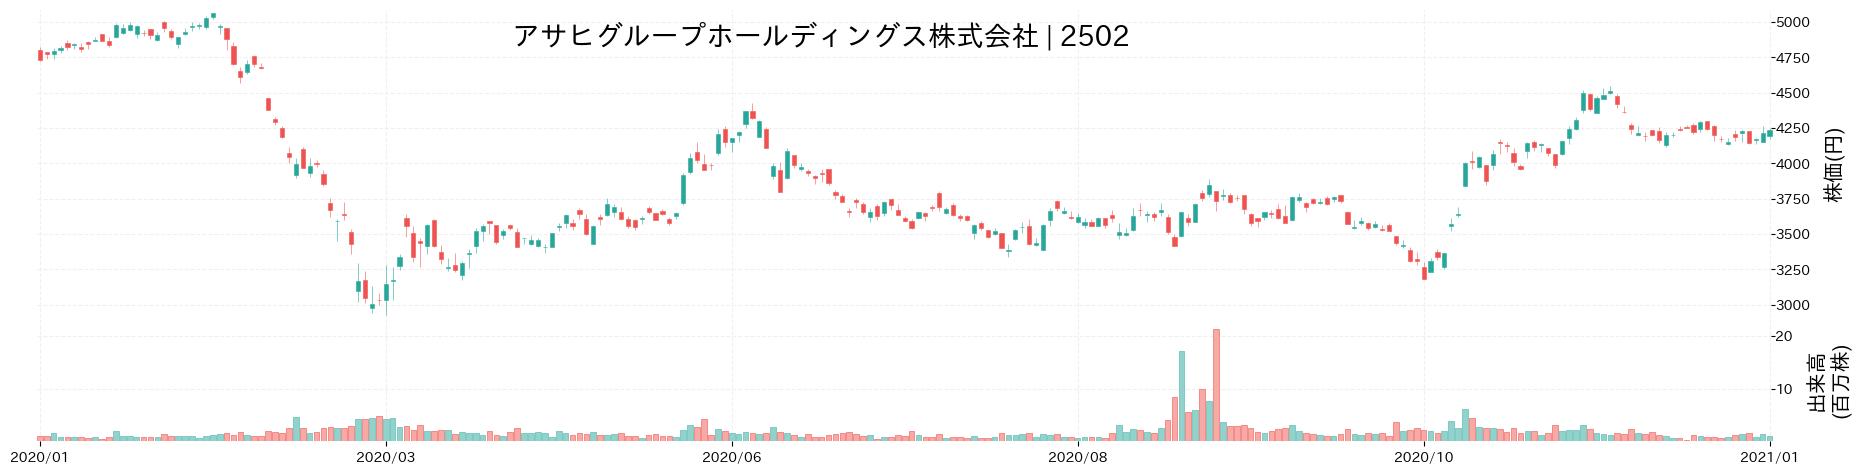 アサヒグループホールディングス株式会社の株価推移(2020)